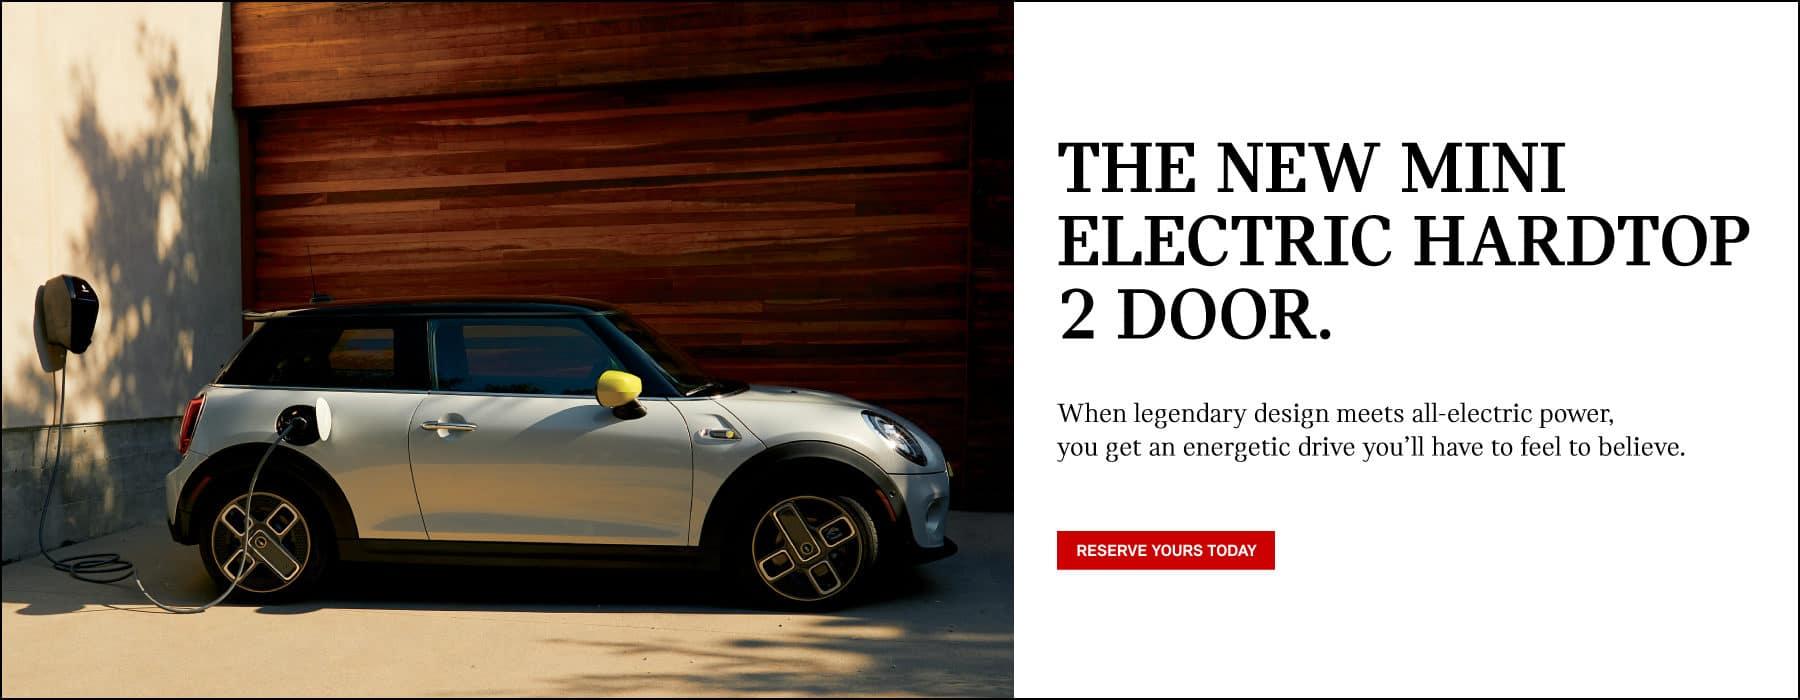 mini electric hardtop 4 door.